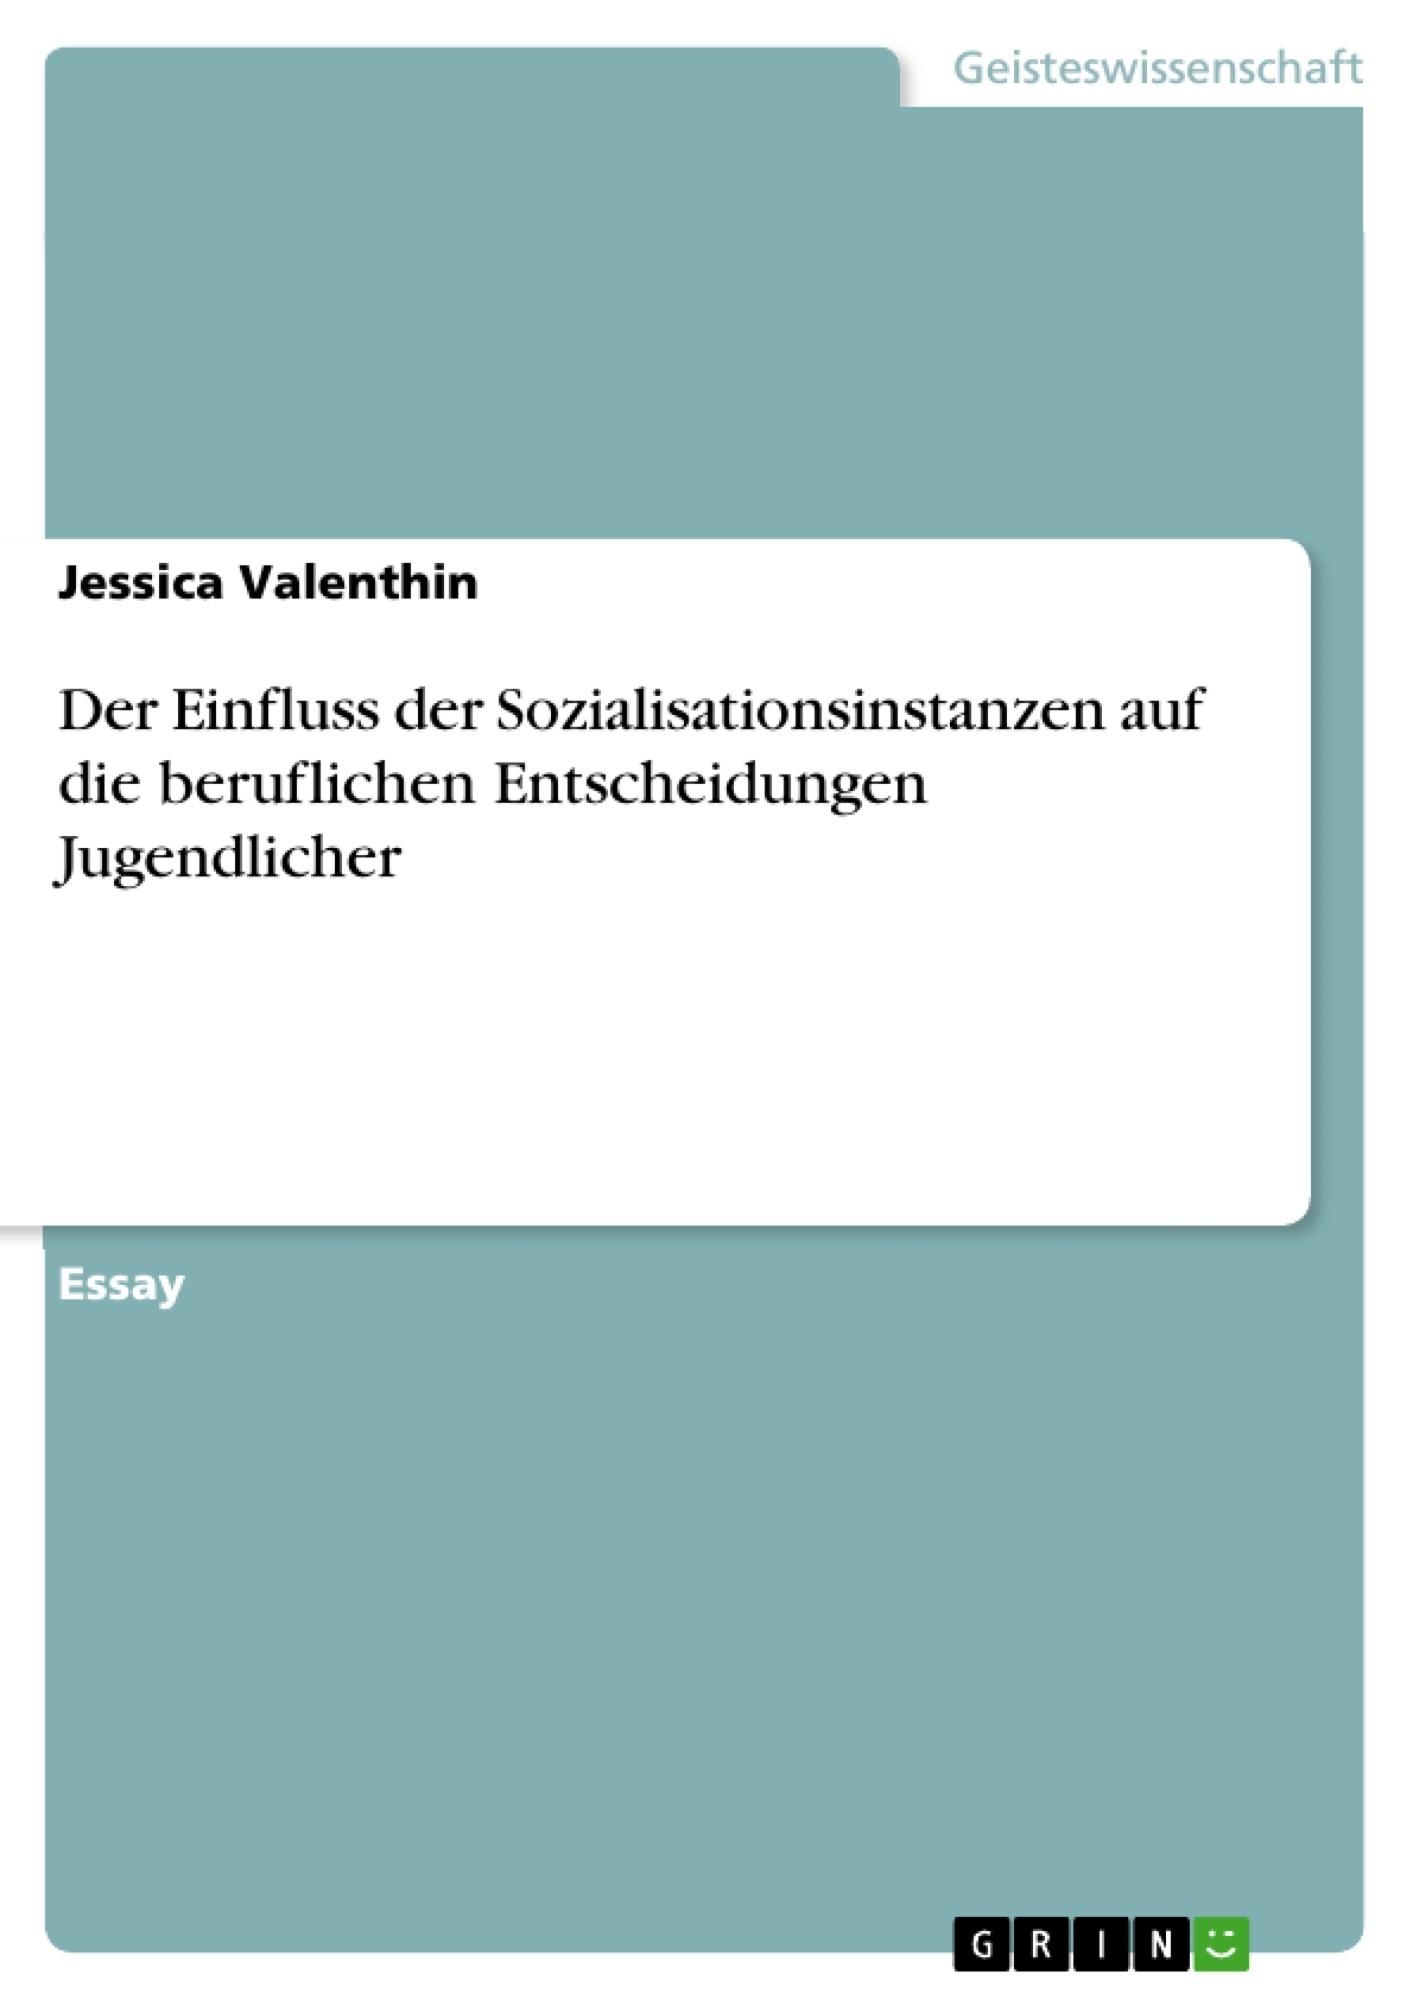 Titel: Der Einfluss der Sozialisationsinstanzen auf die beruflichen Entscheidungen Jugendlicher